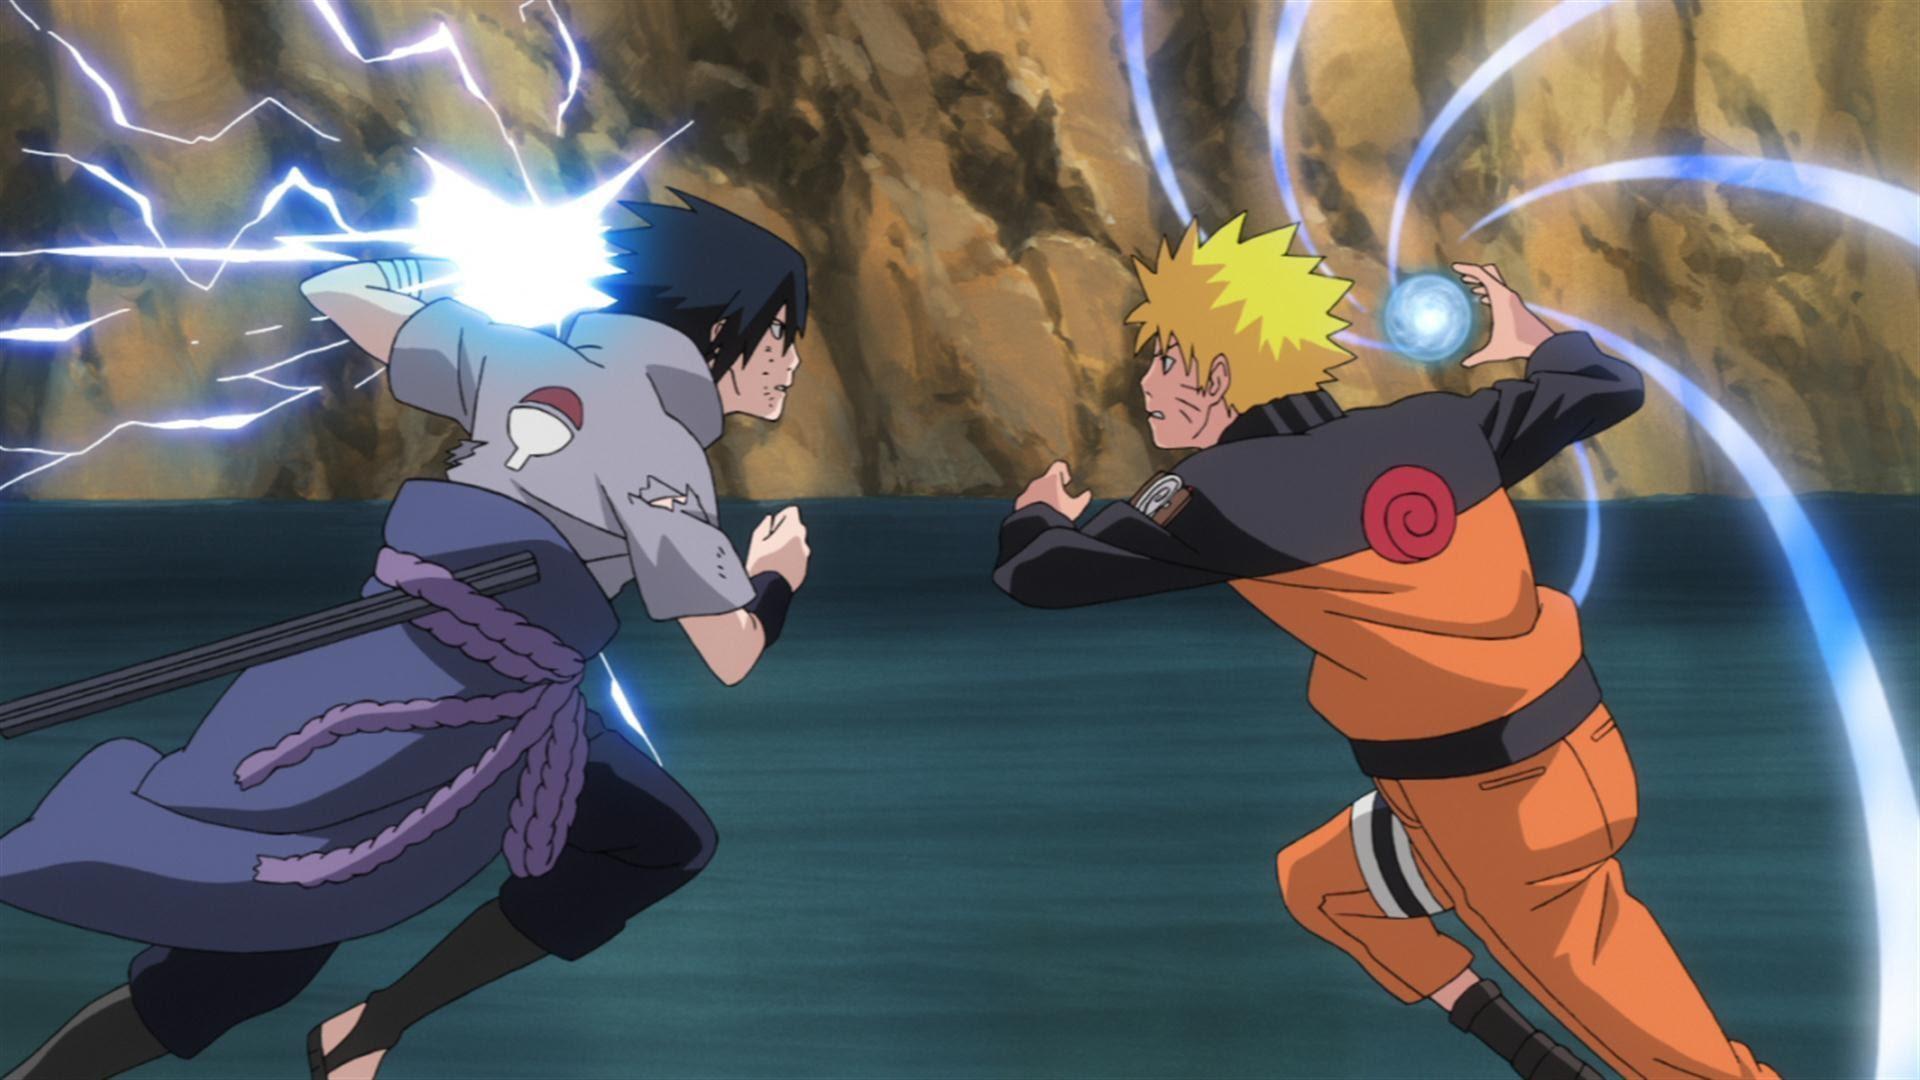 Unduh 400 Wallpaper Bergerak Naruto Vs Sasuke